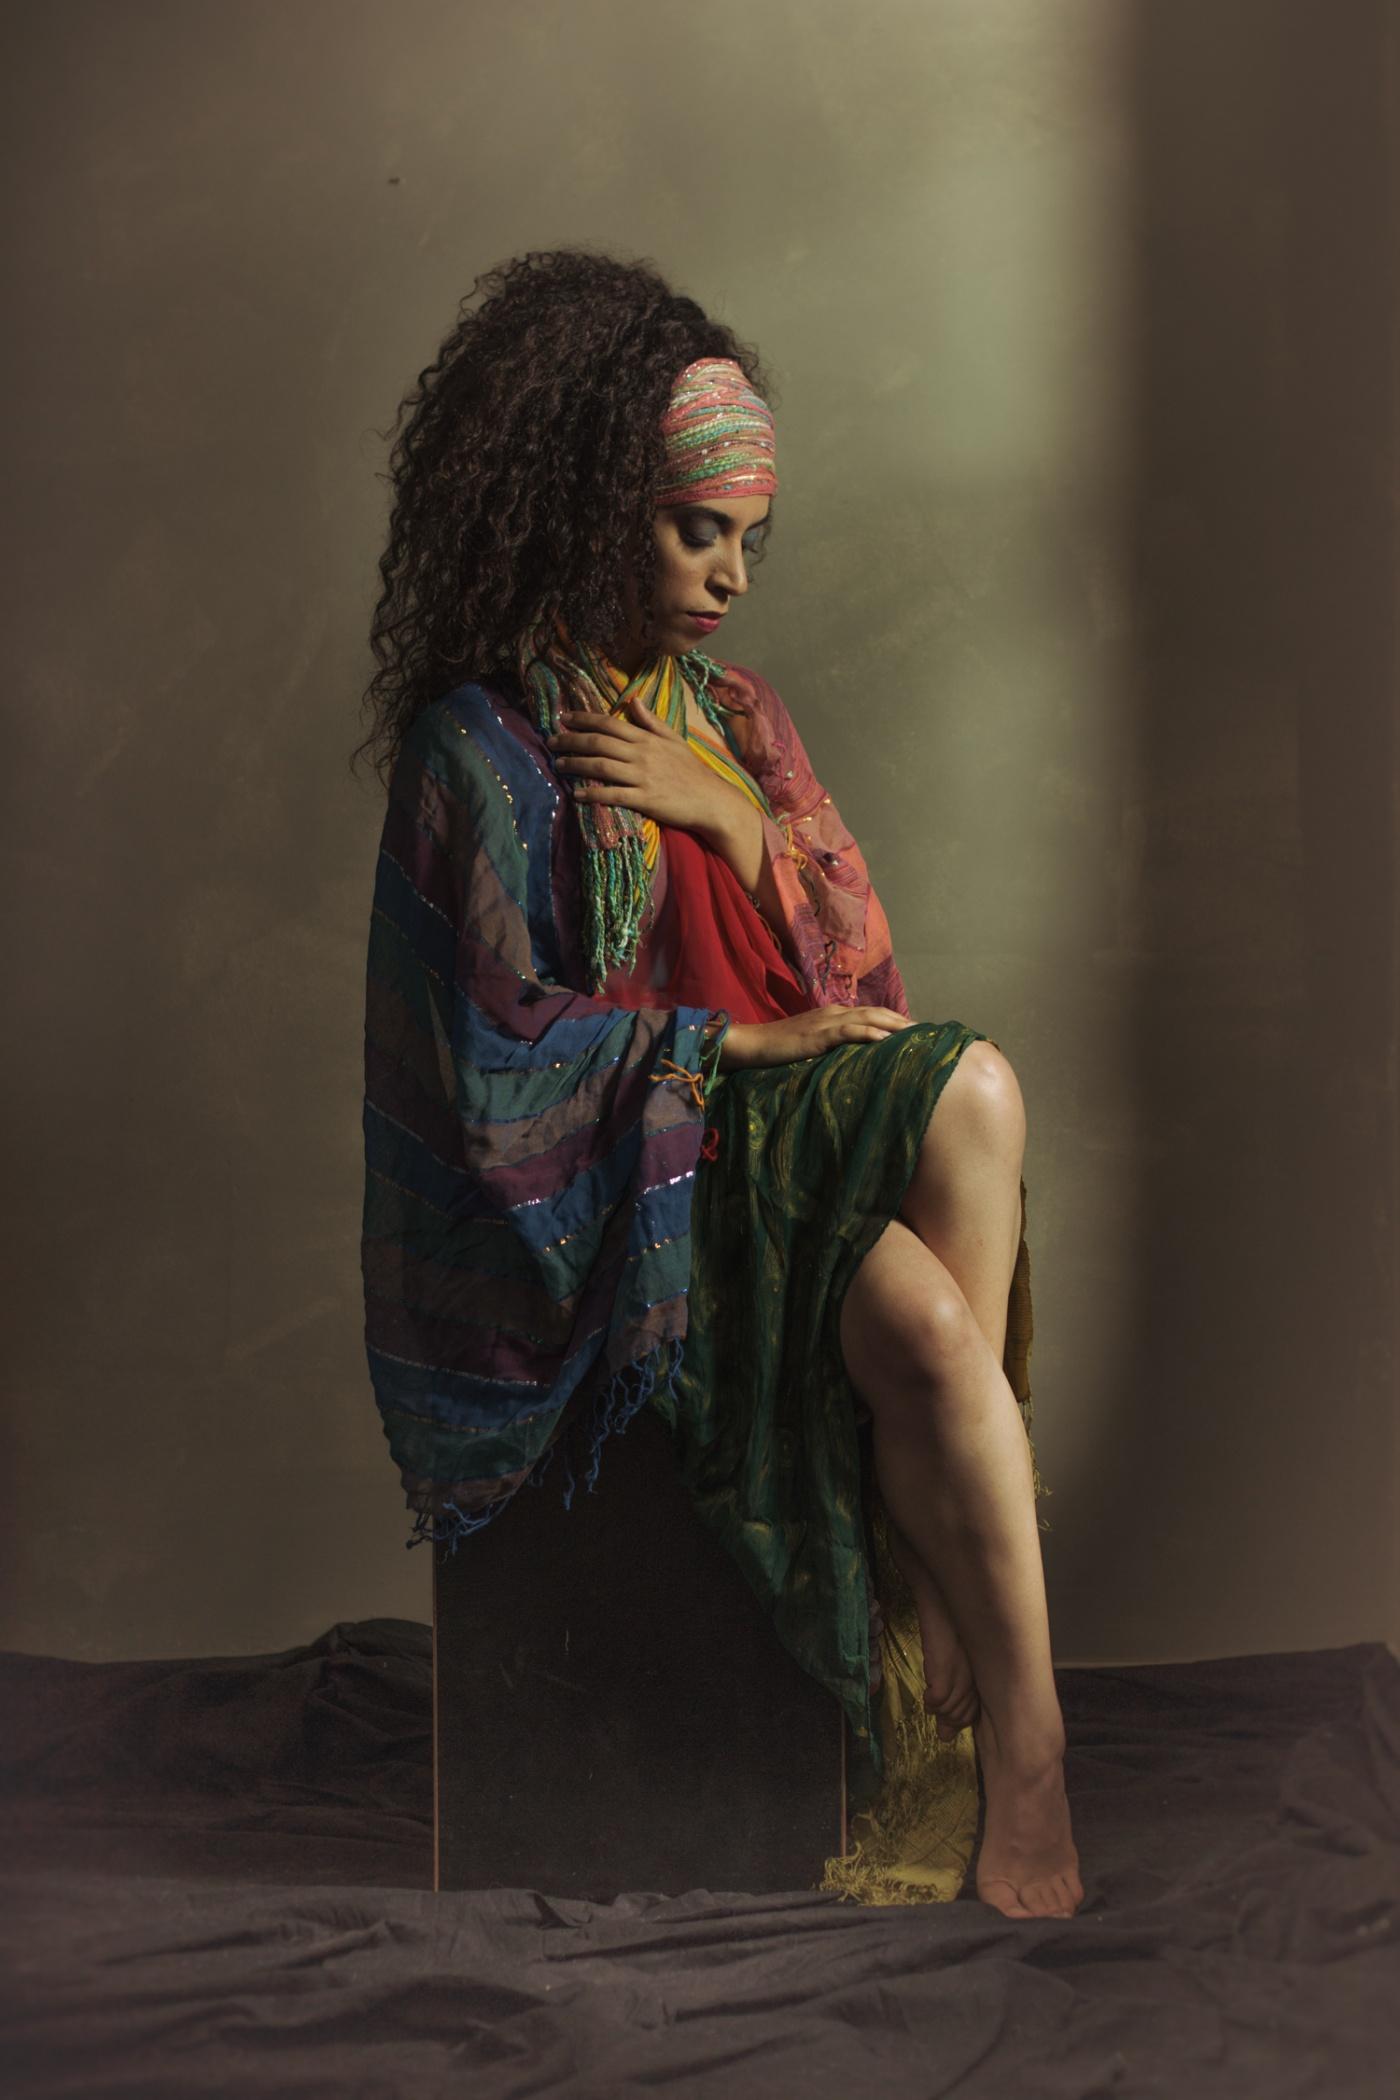 Retratos - Alejandro Coutinho, Fotografía